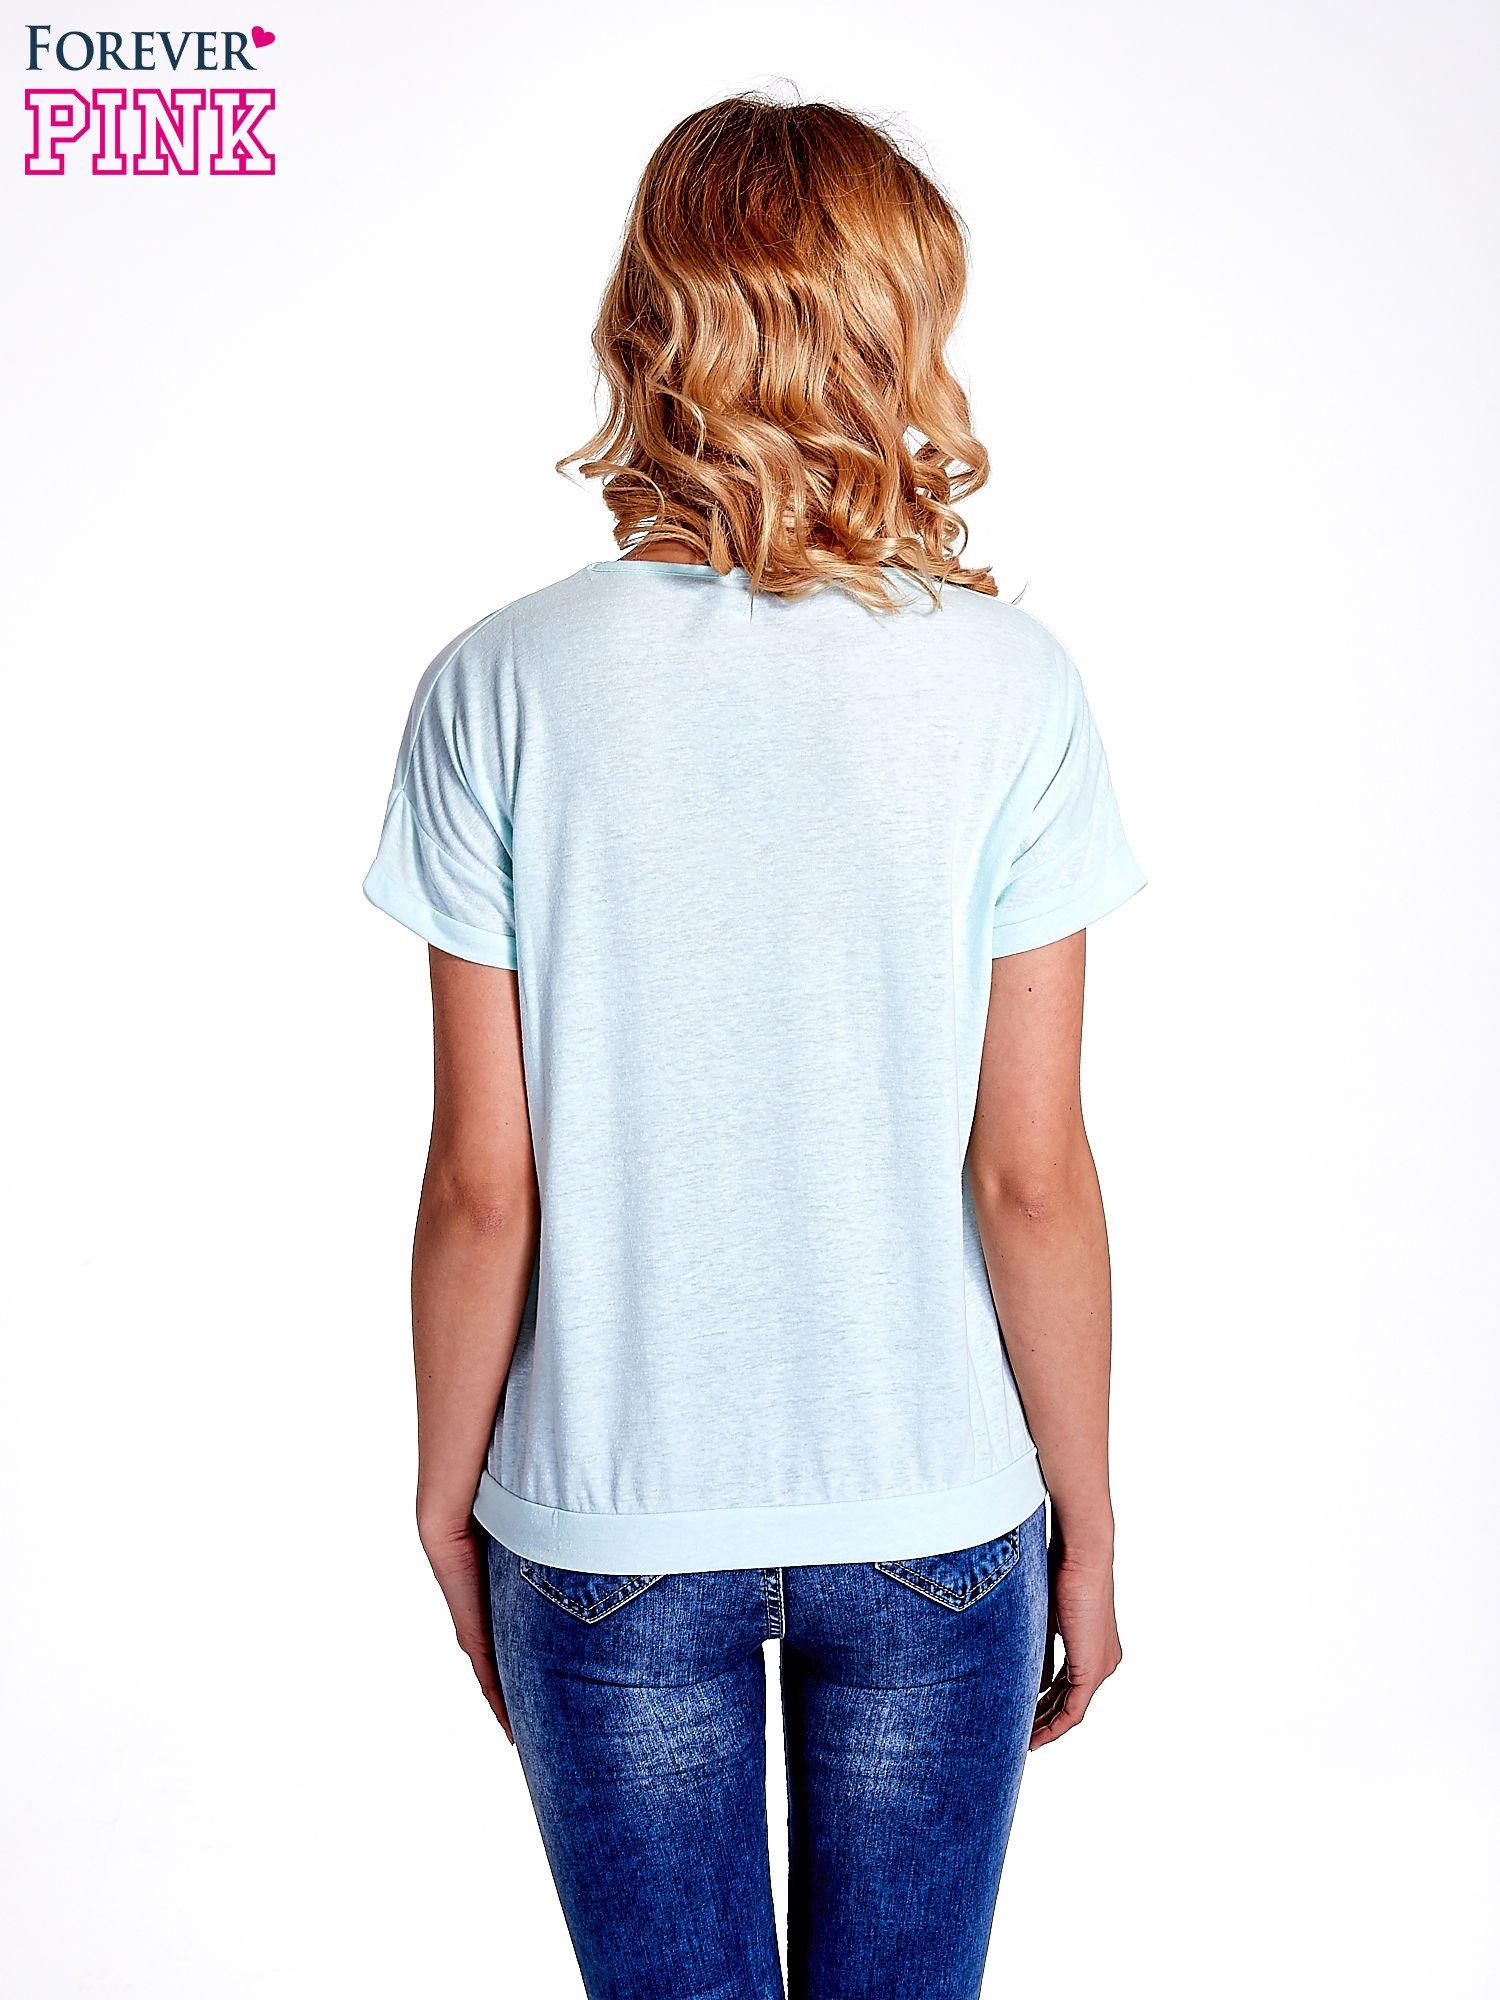 Jasnoturkusowy t-shirt z kieszonką                                  zdj.                                  3